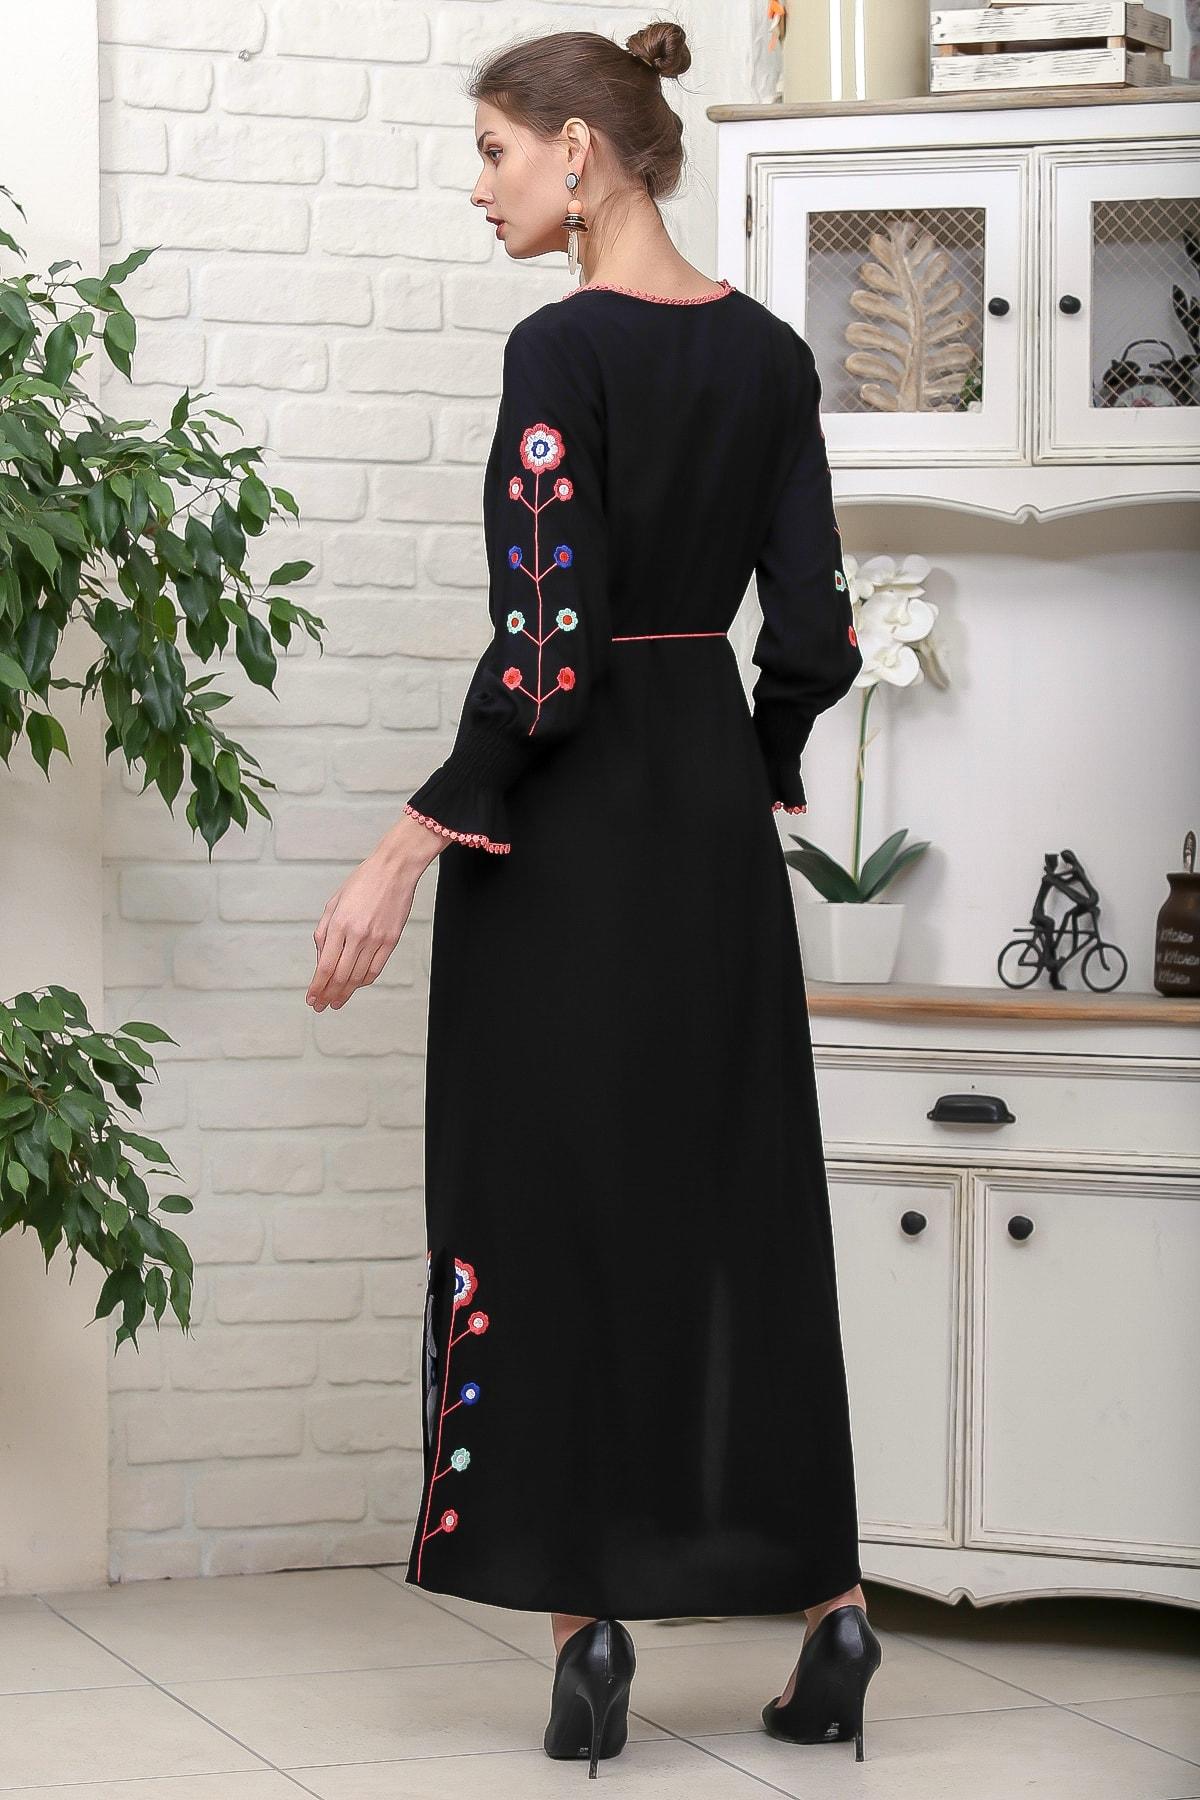 Chiccy Kadın Siyah Kol Ve Yırtmaçları Çiçek Nakışlı Püsküllü Bağcıklı Dokuma Uzun Elbise M10160000EL95942 4